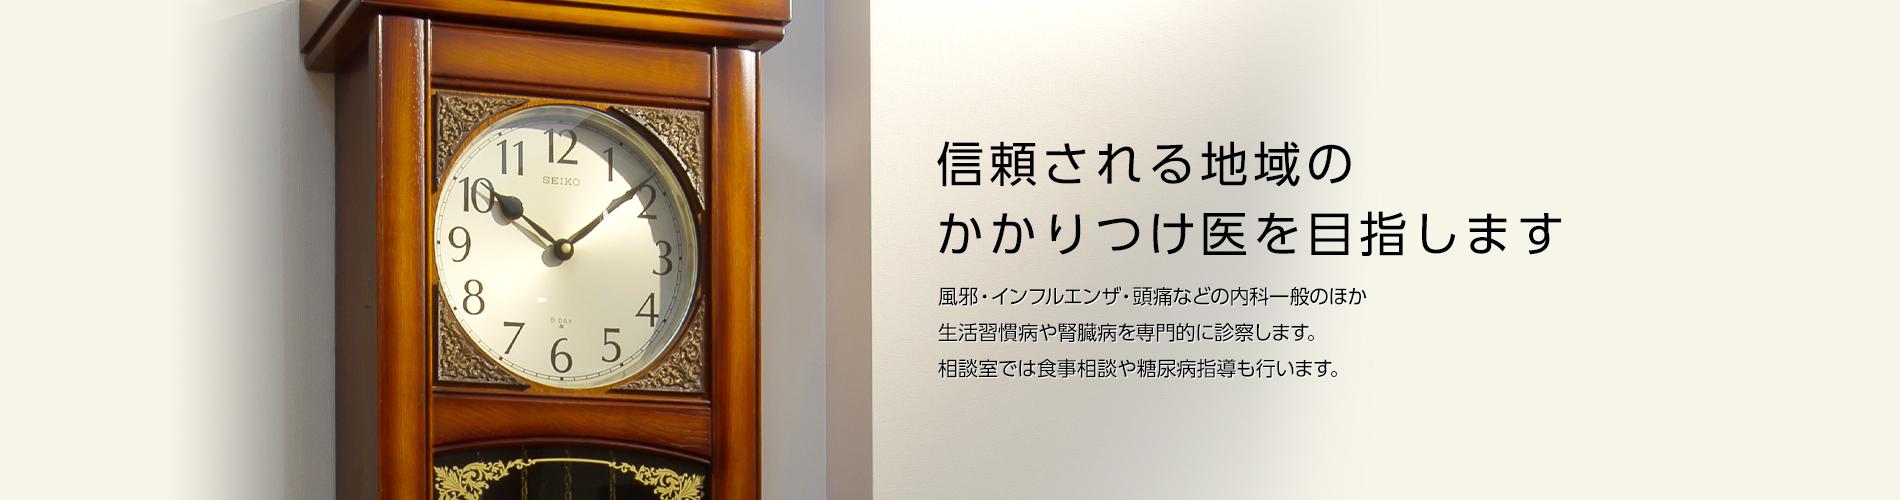 江陽高田医院